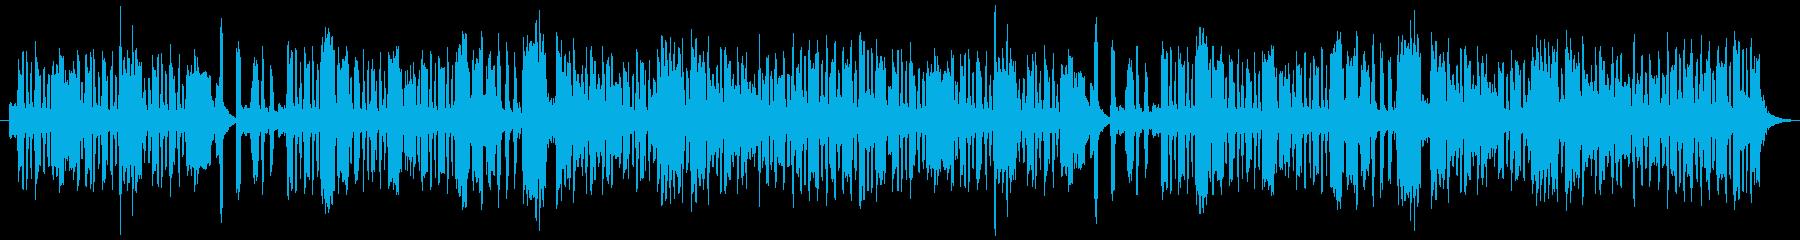 ほのぼのとかわいい縦笛のマーチ/知育の再生済みの波形